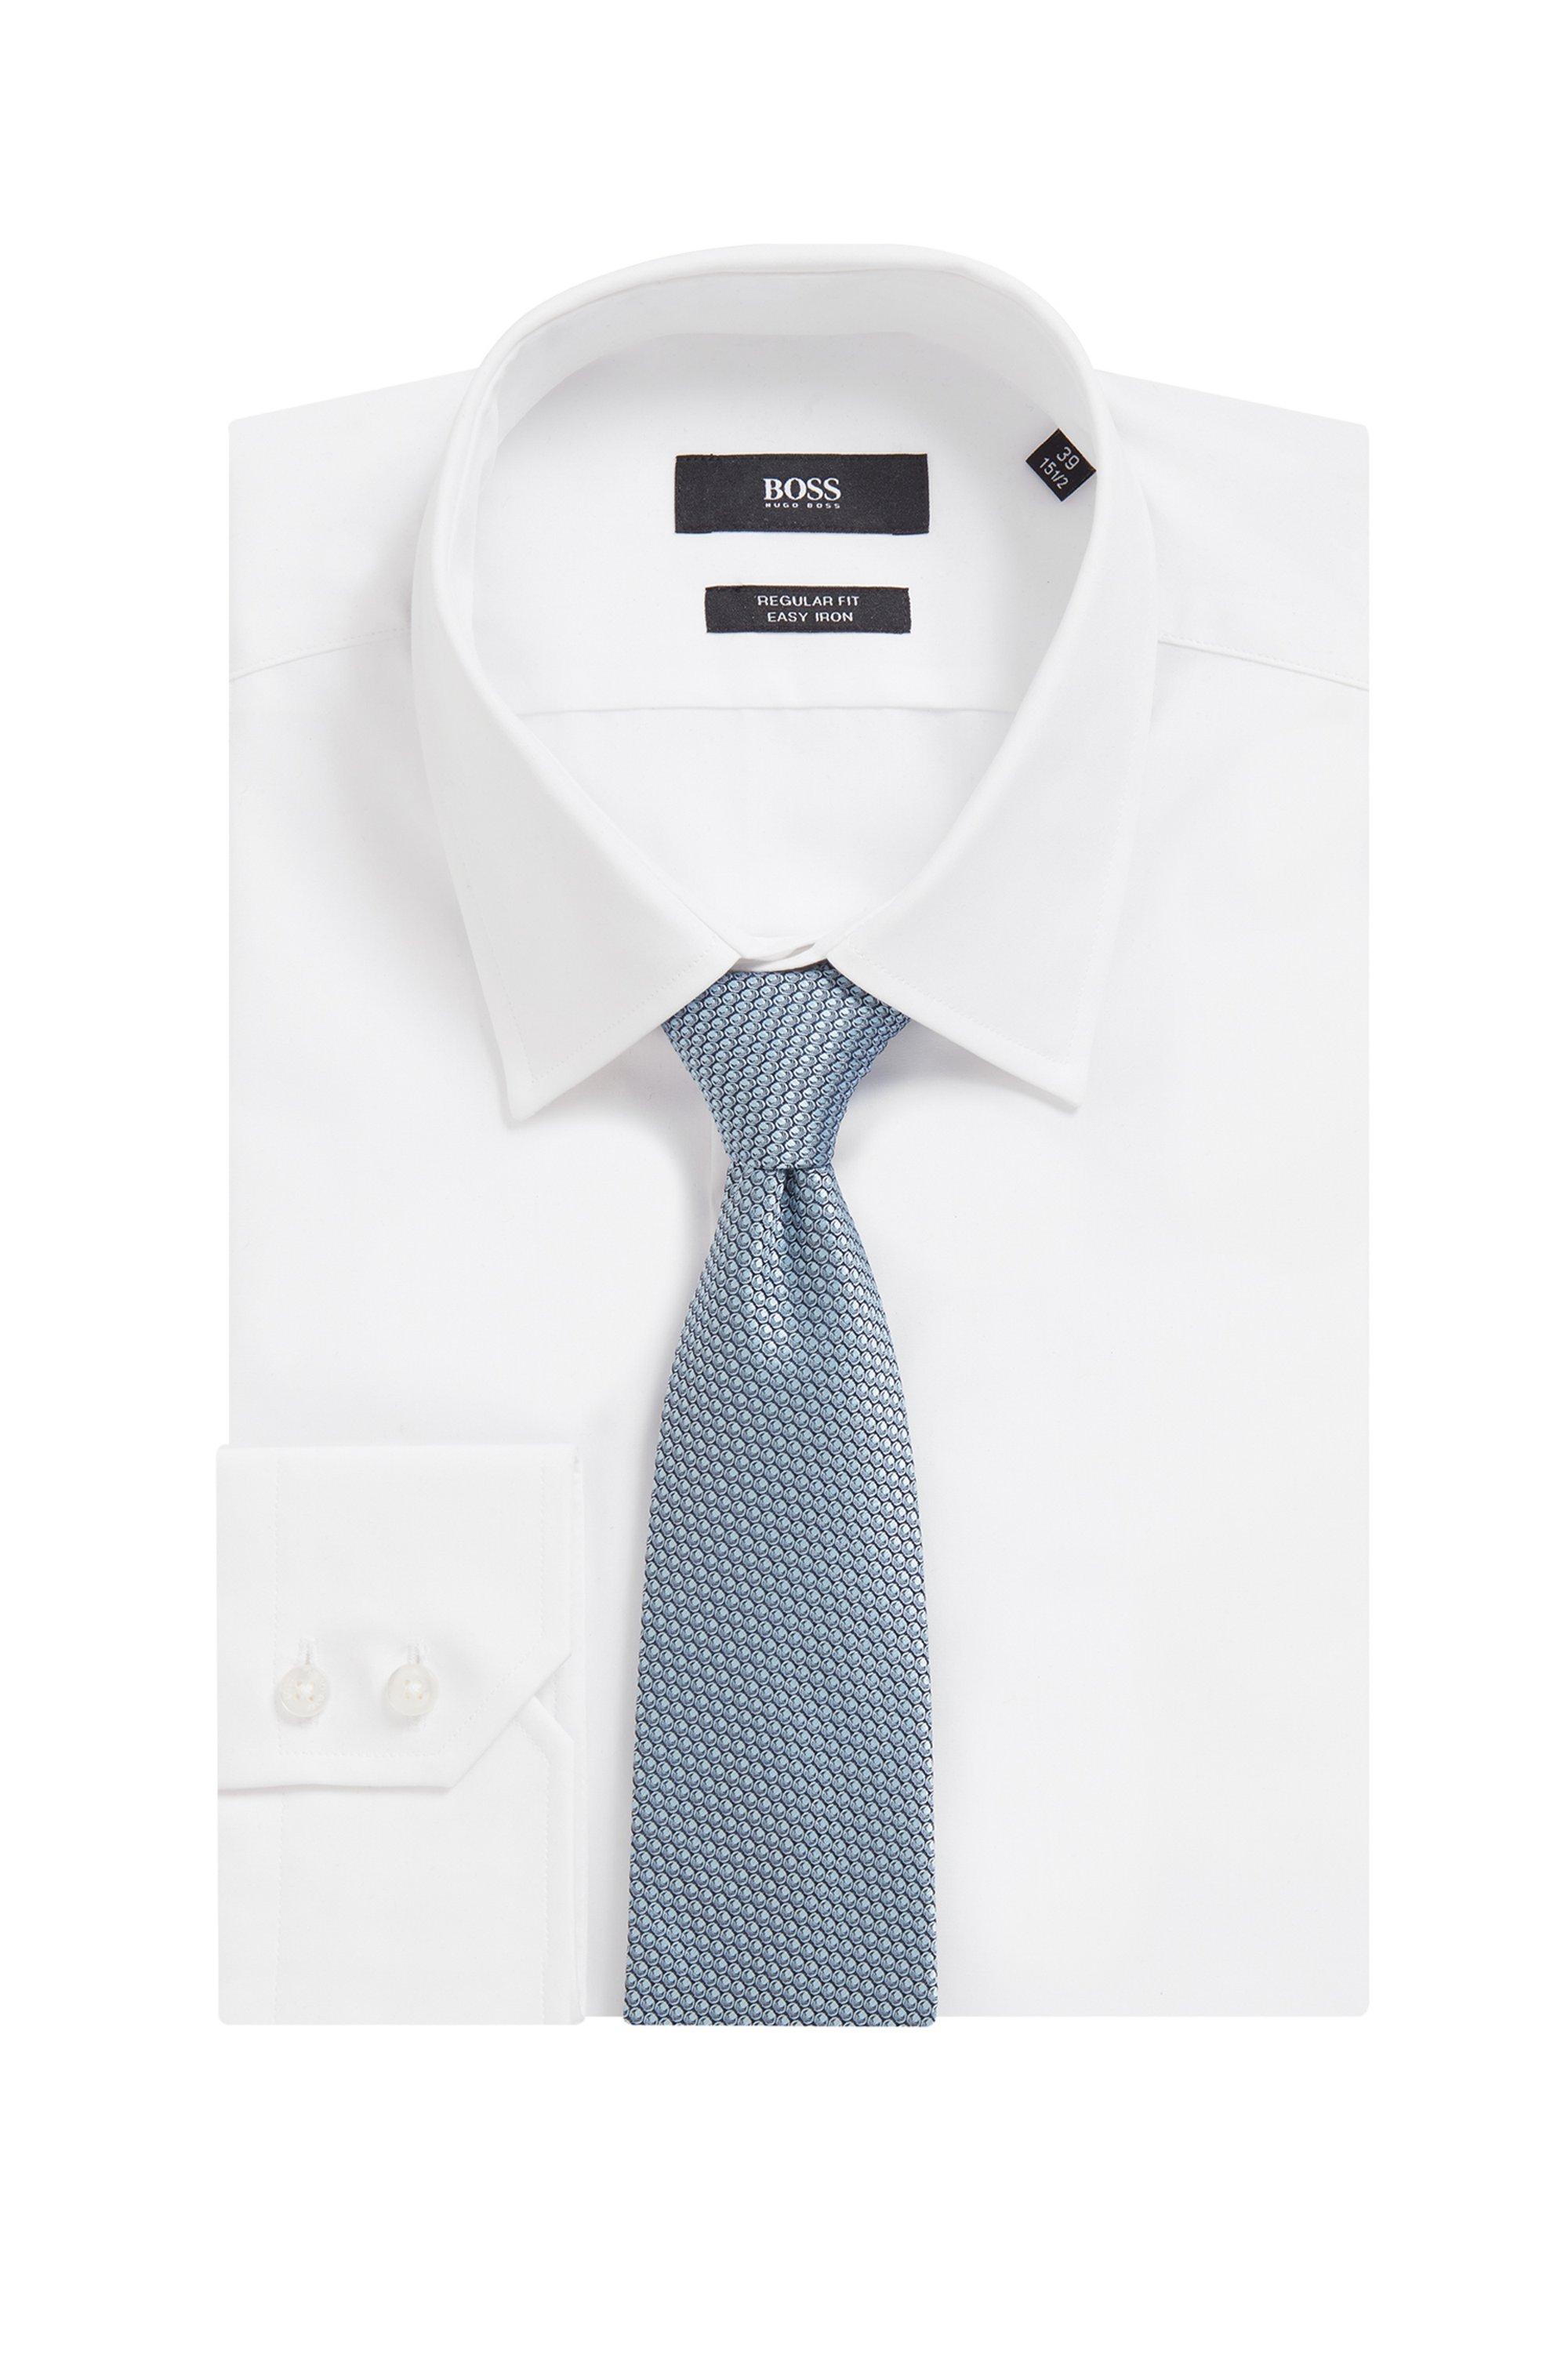 In Italië vervaardigde stropdas van zijde met dessin in jacquard